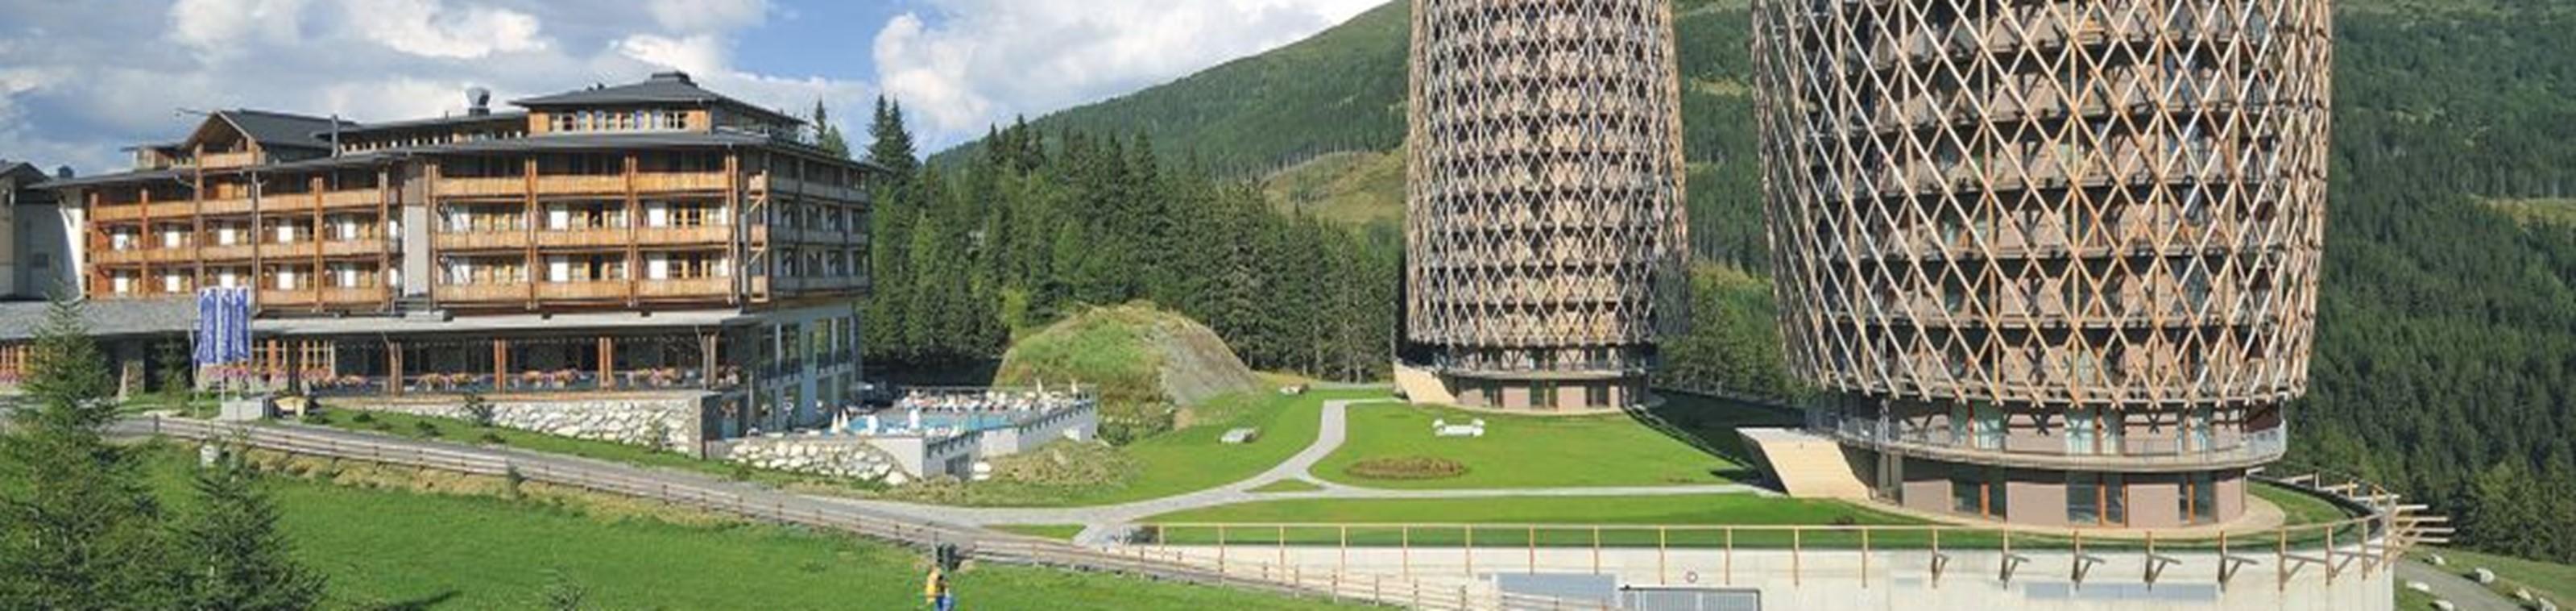 Falkensteiner Hotel Cristallo